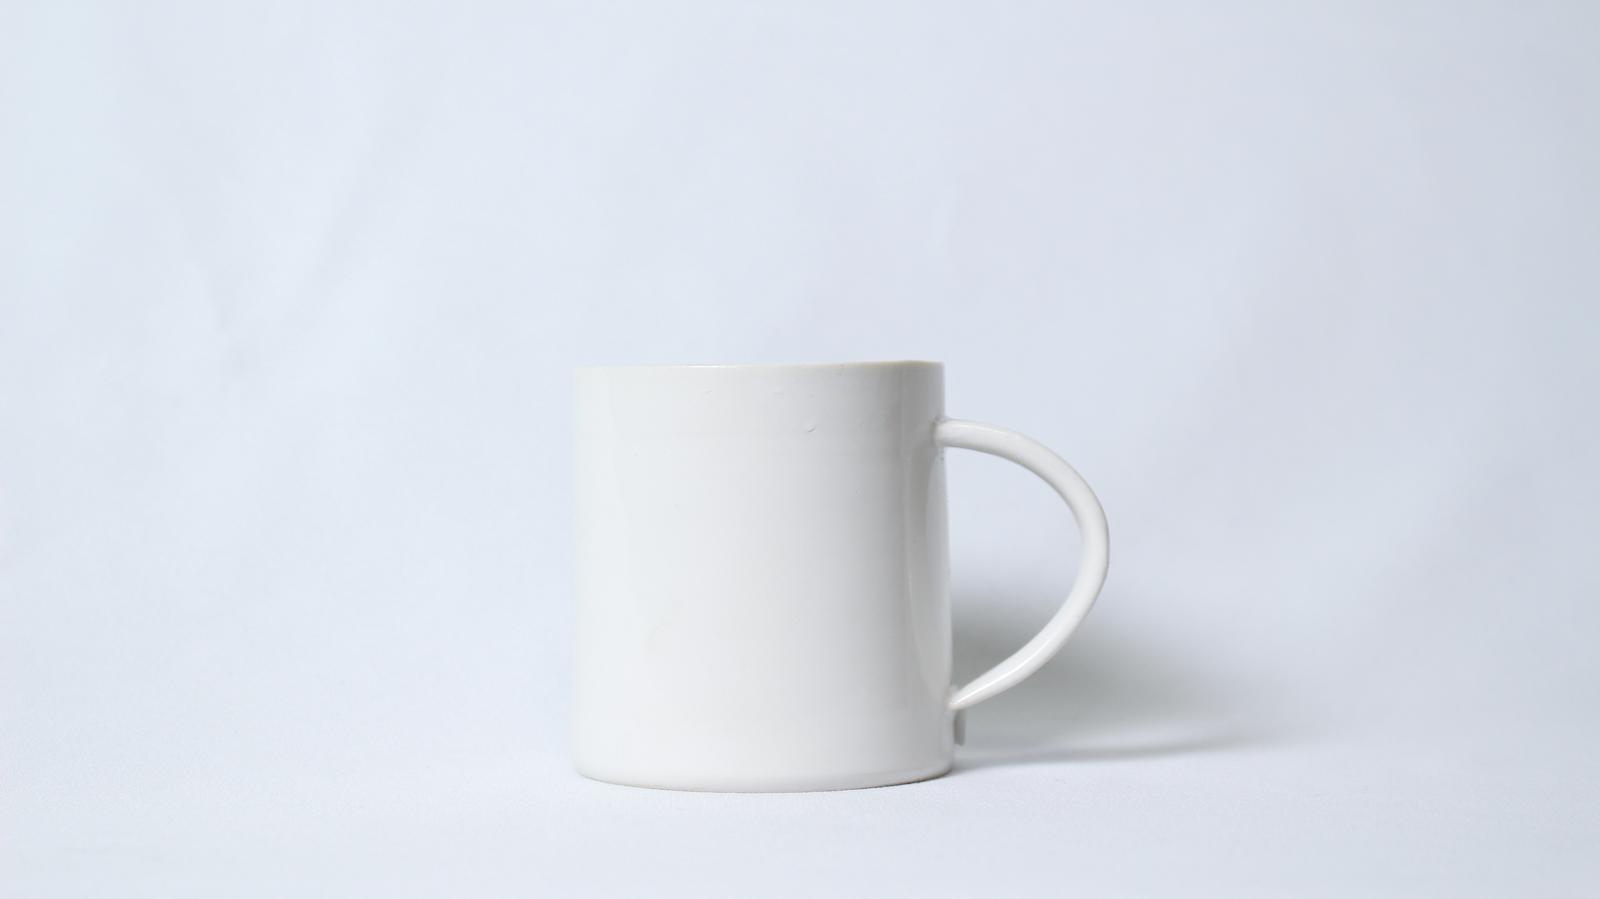 プラチナ銀彩マグカップ(白・小)